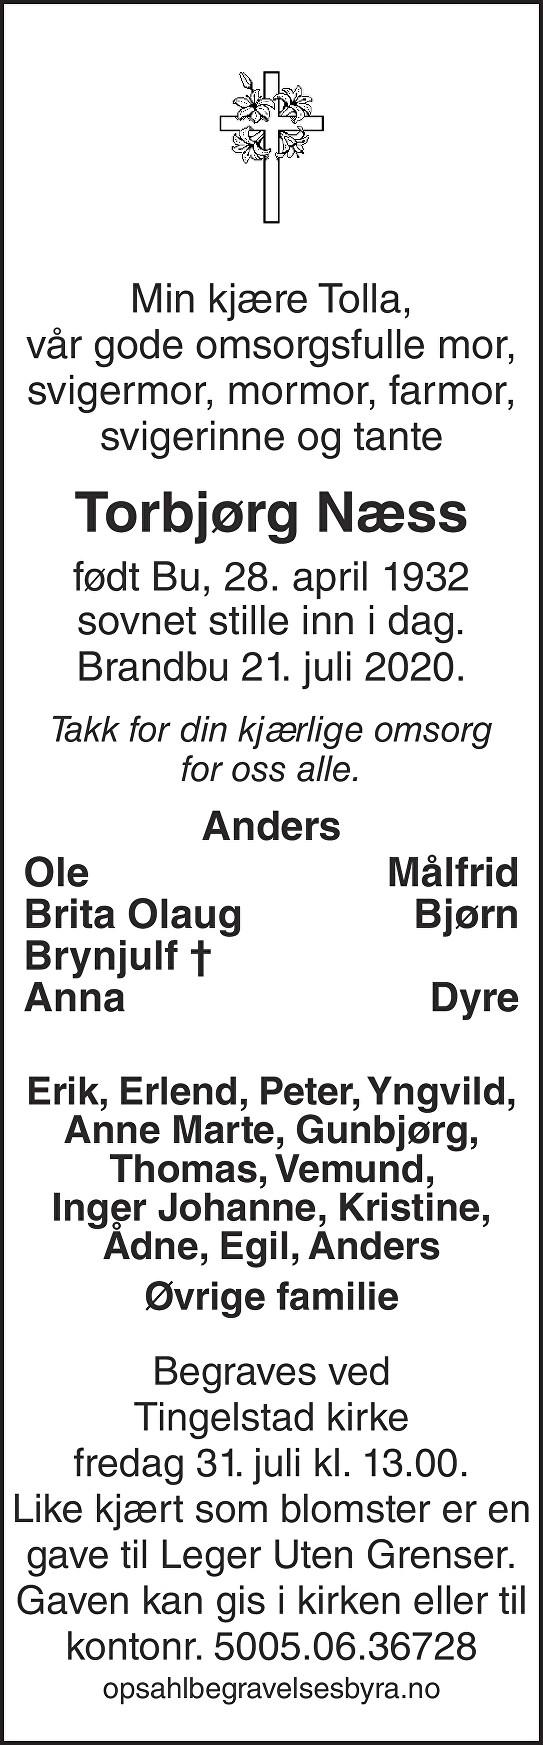 Torbjørg Næss Dødsannonse